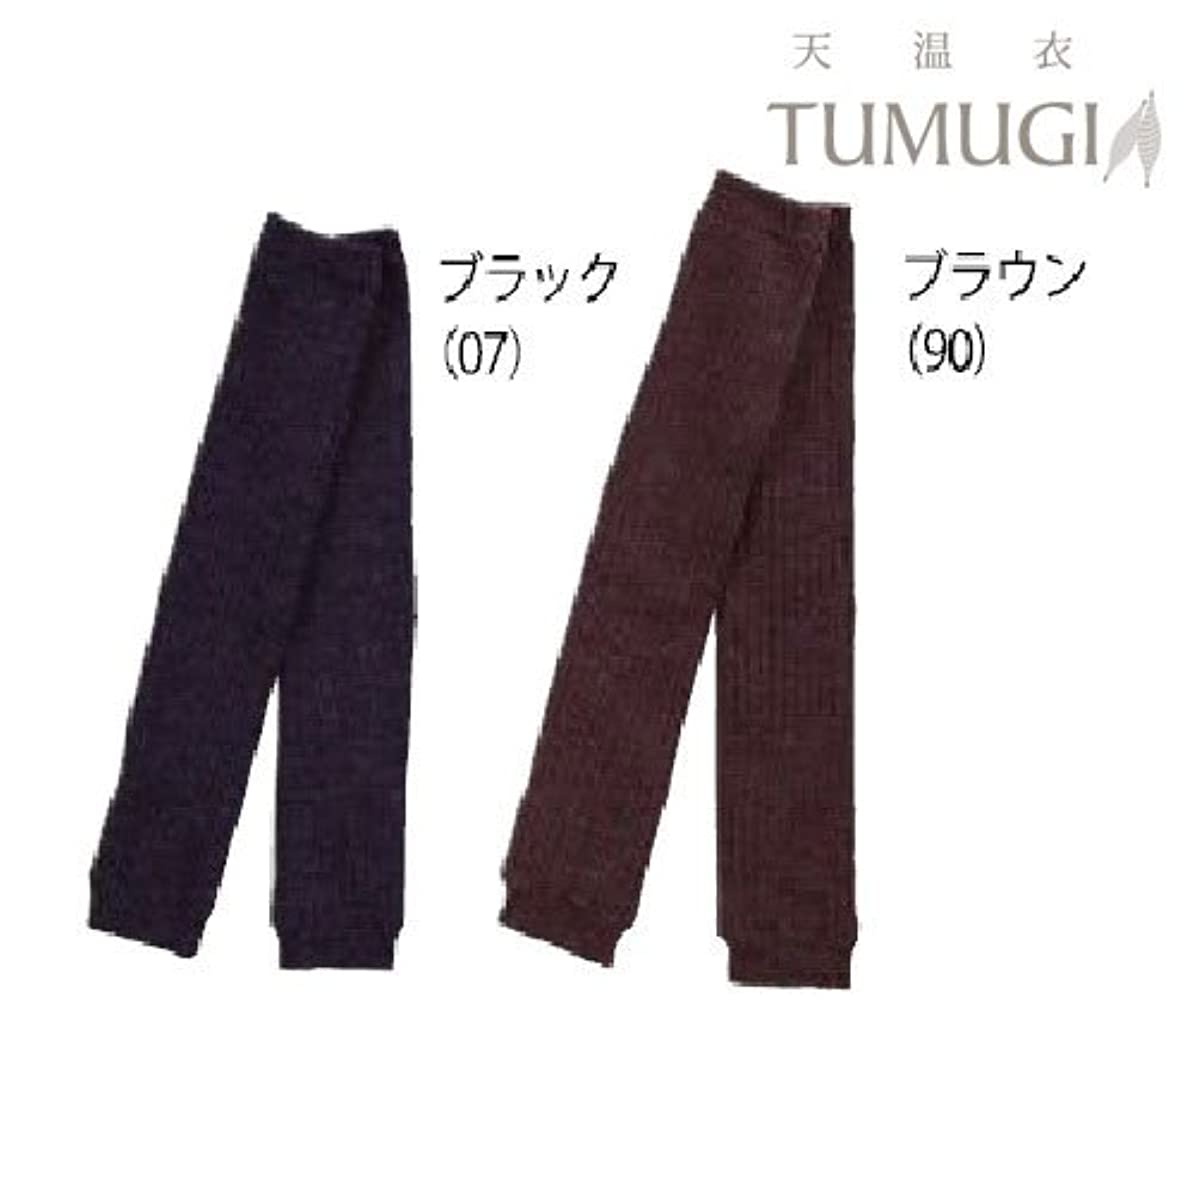 俳句トロイの木馬有名人天温衣TUMUGI  ウールとシルクの2重編みレッグウォーマー (ブラック(黒))